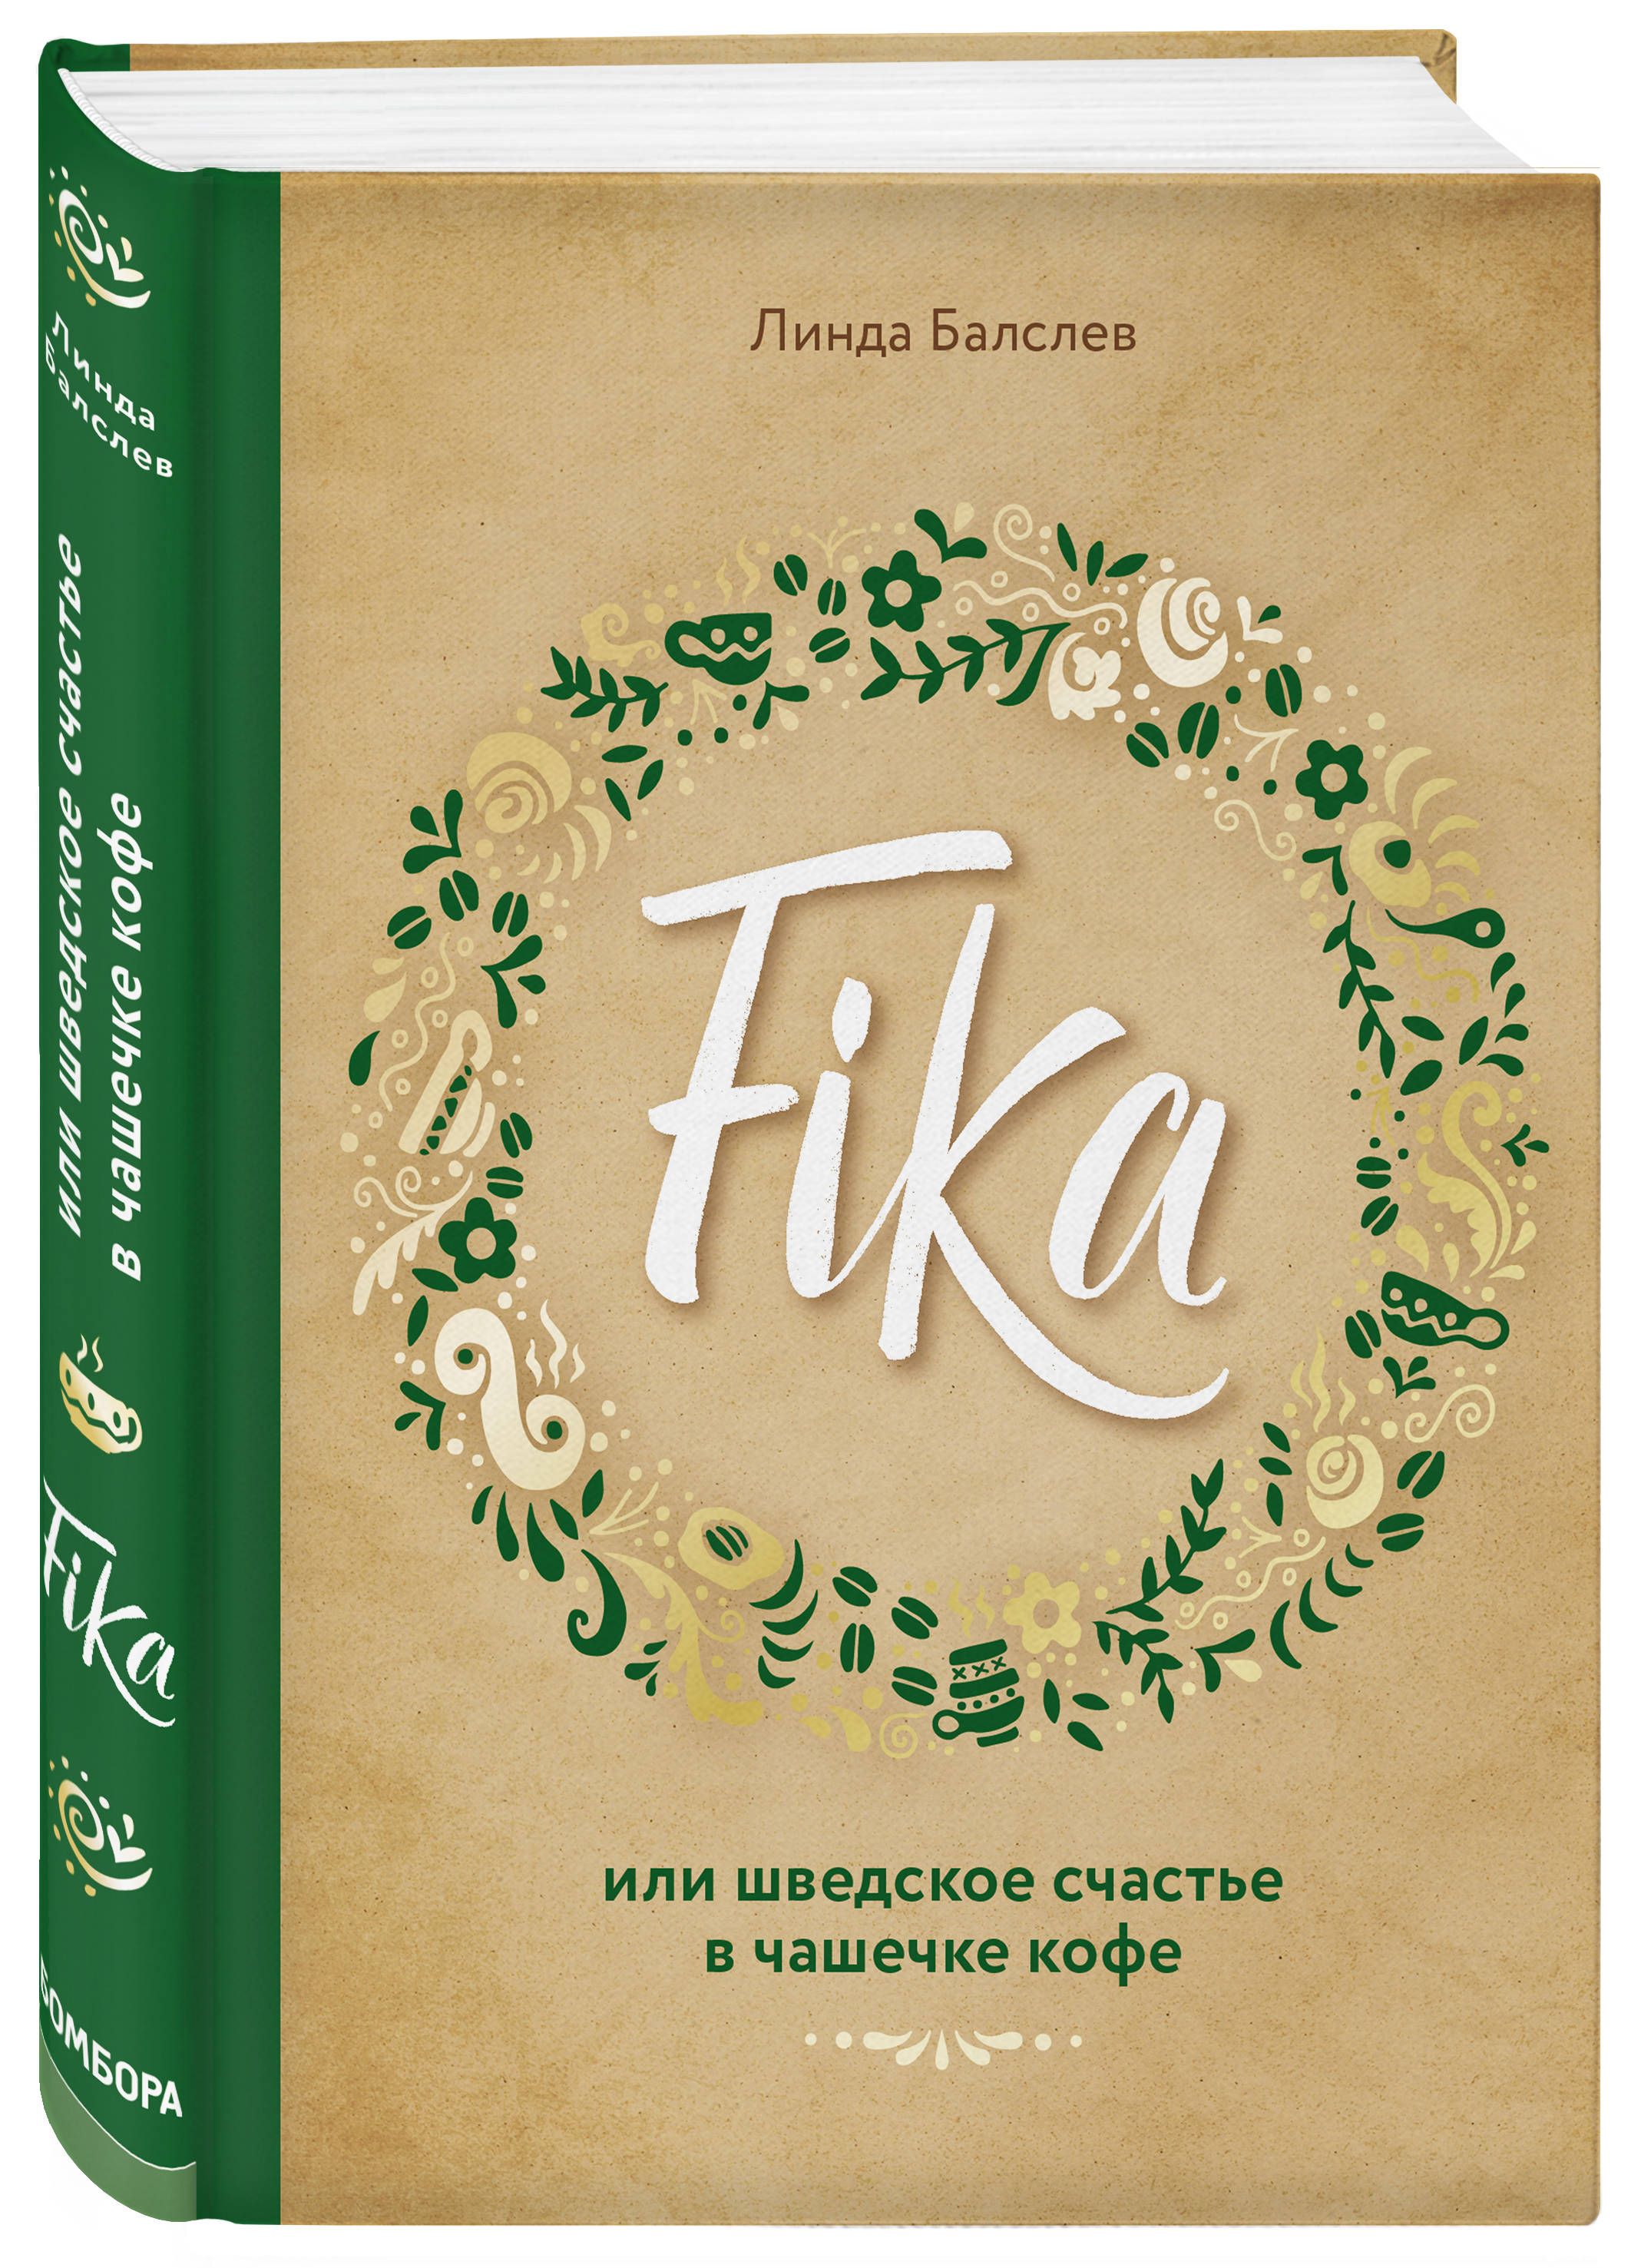 Линда Балслев Fika, или шведское счастье в чашечке кофе балслев линда fika или шведское счастье в чашечке кофе